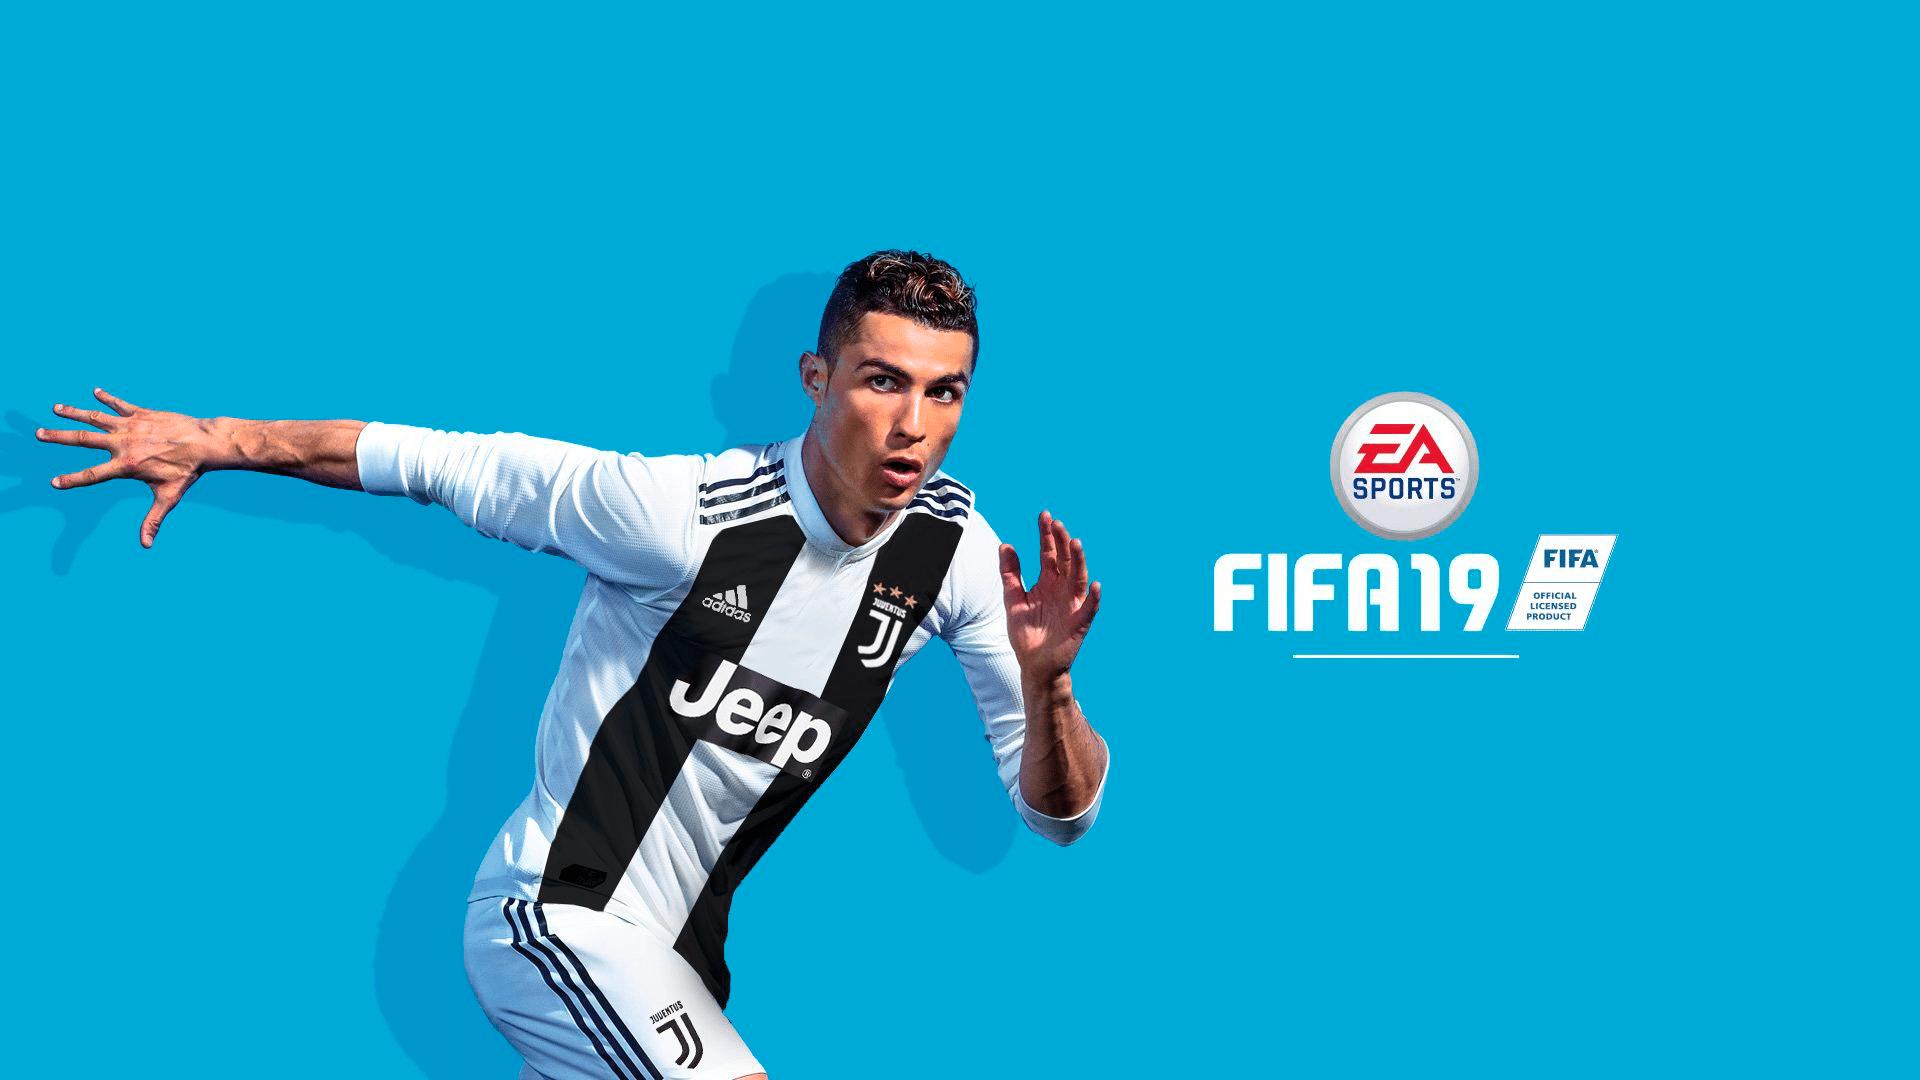 جزییات کامل به روزرسانی ۱.۰۳ بازی FIFA 19 مشخص شد